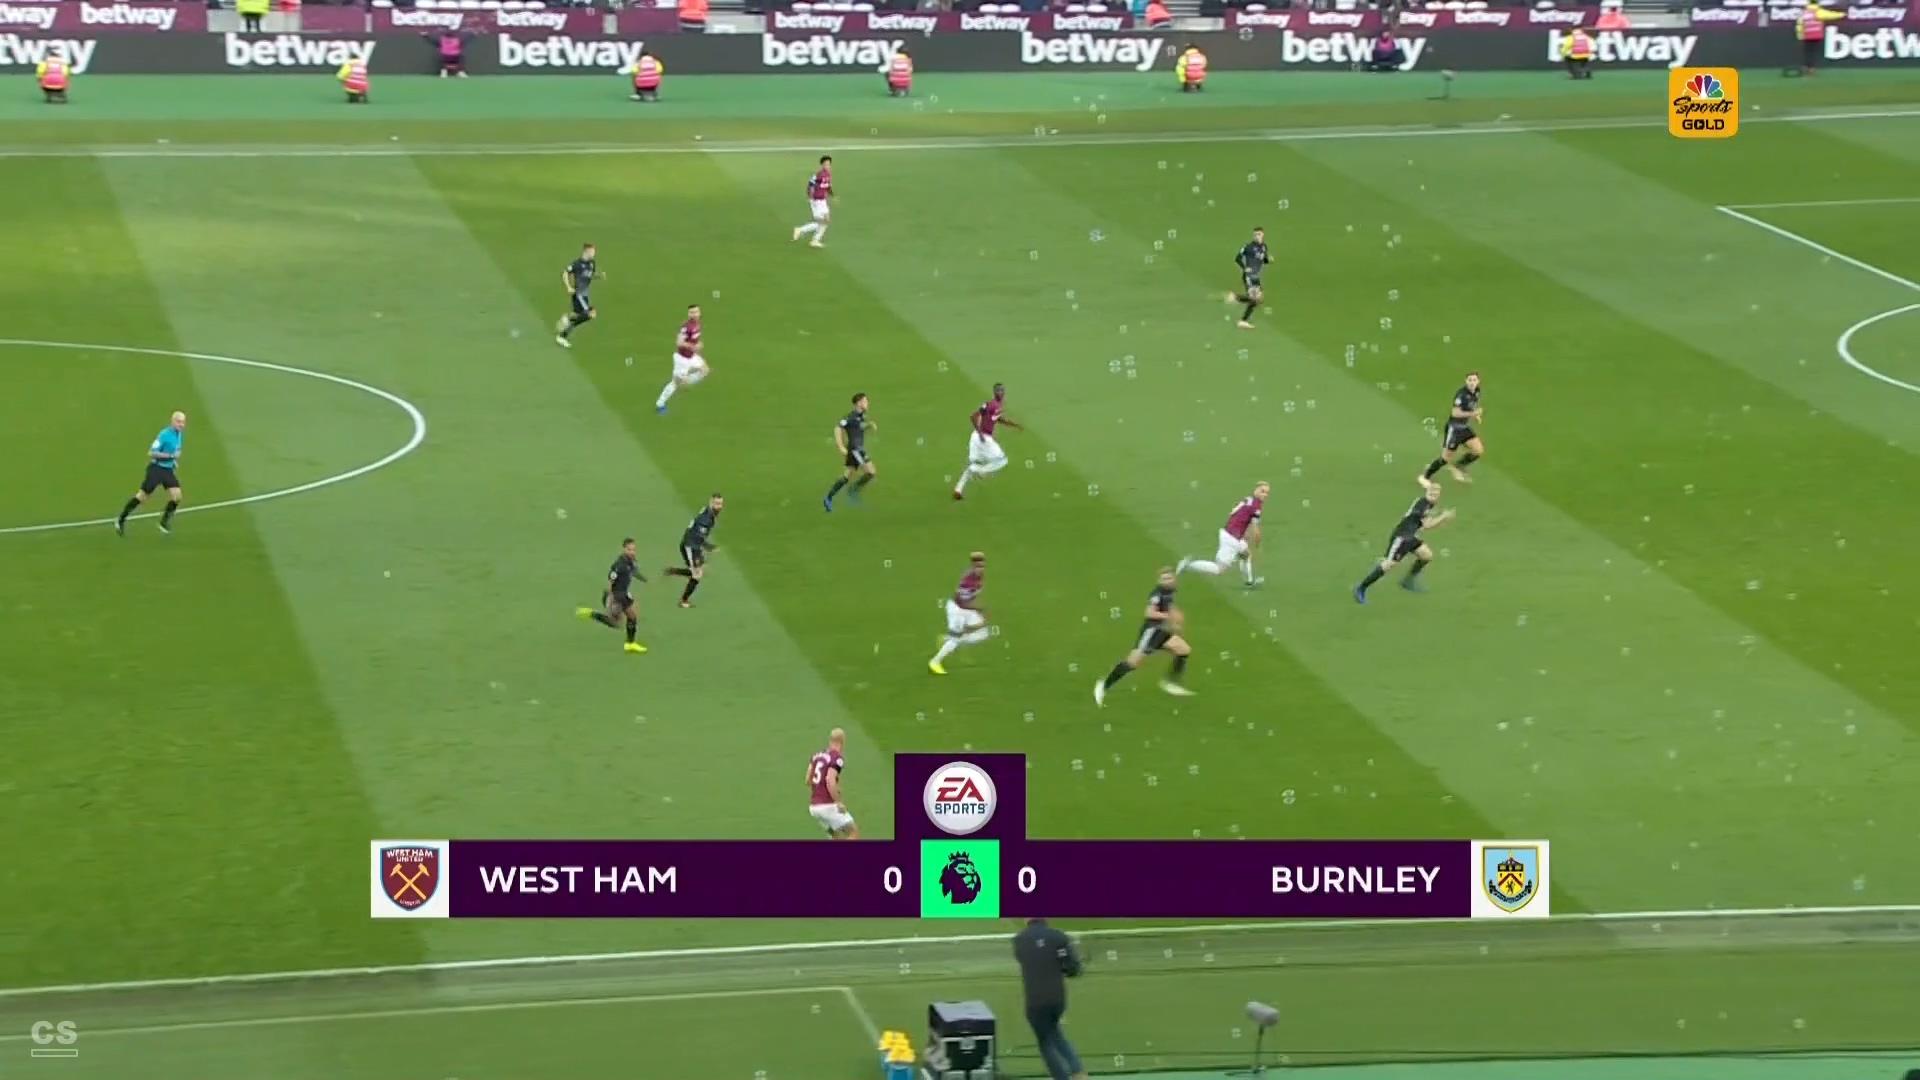 Futbol Epl 18 19 Matchday 11 West Ham United Vs Burnley 03 11 2018